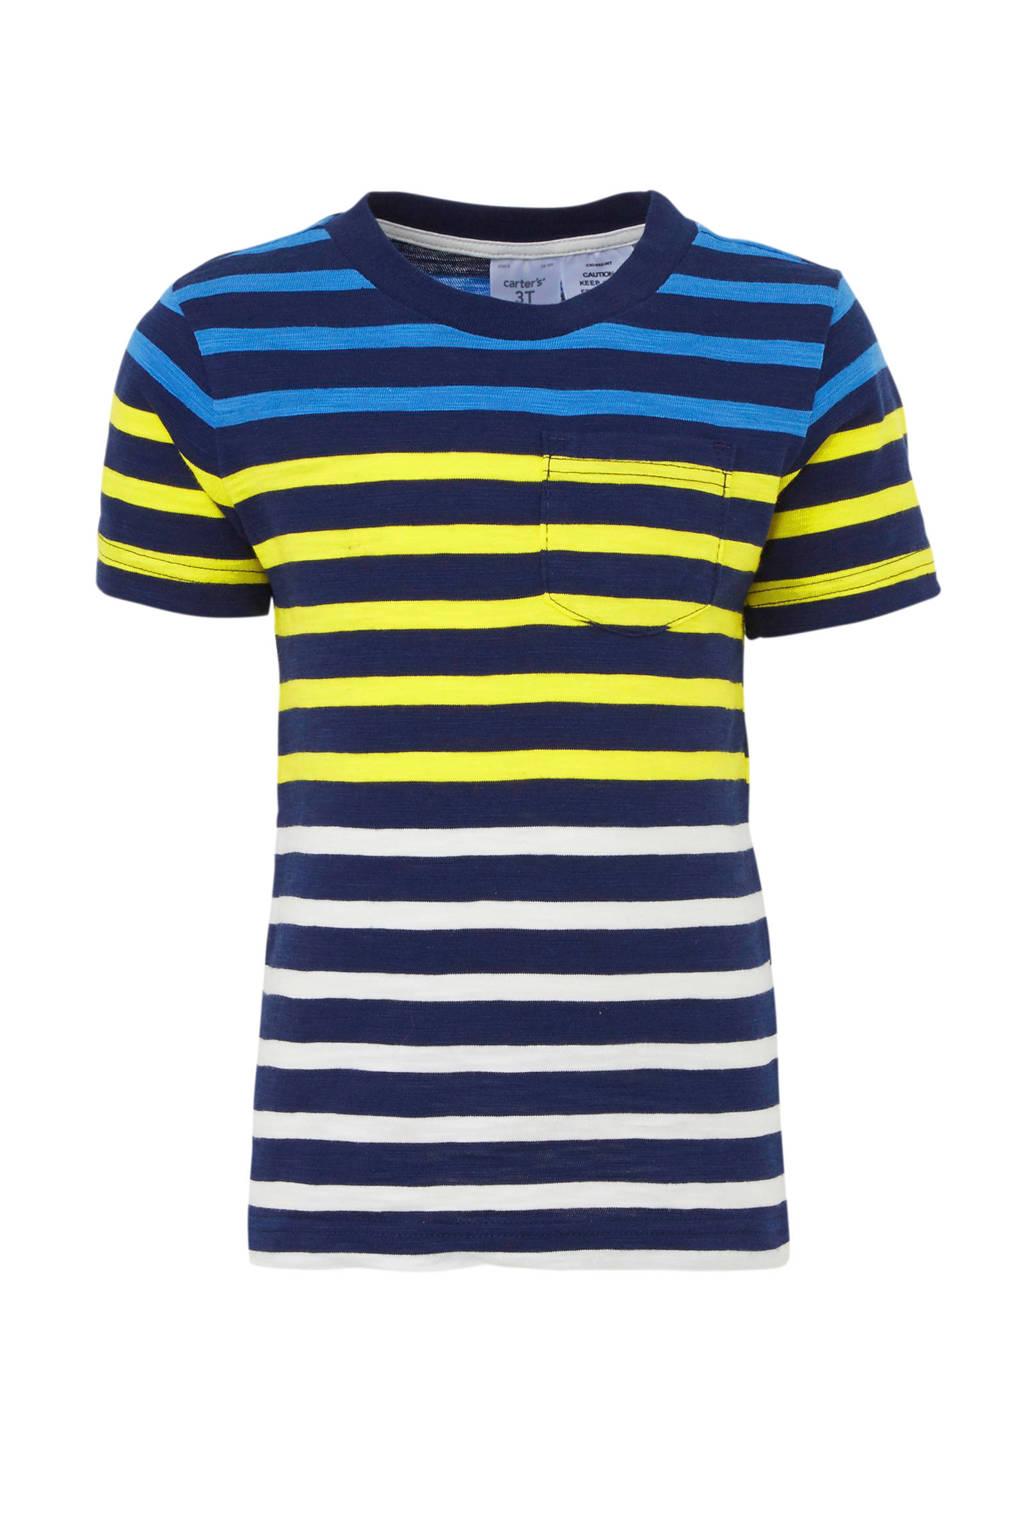 Carter's gestreept T-shirt donkerblauw/geel, Donkerblauw/geel